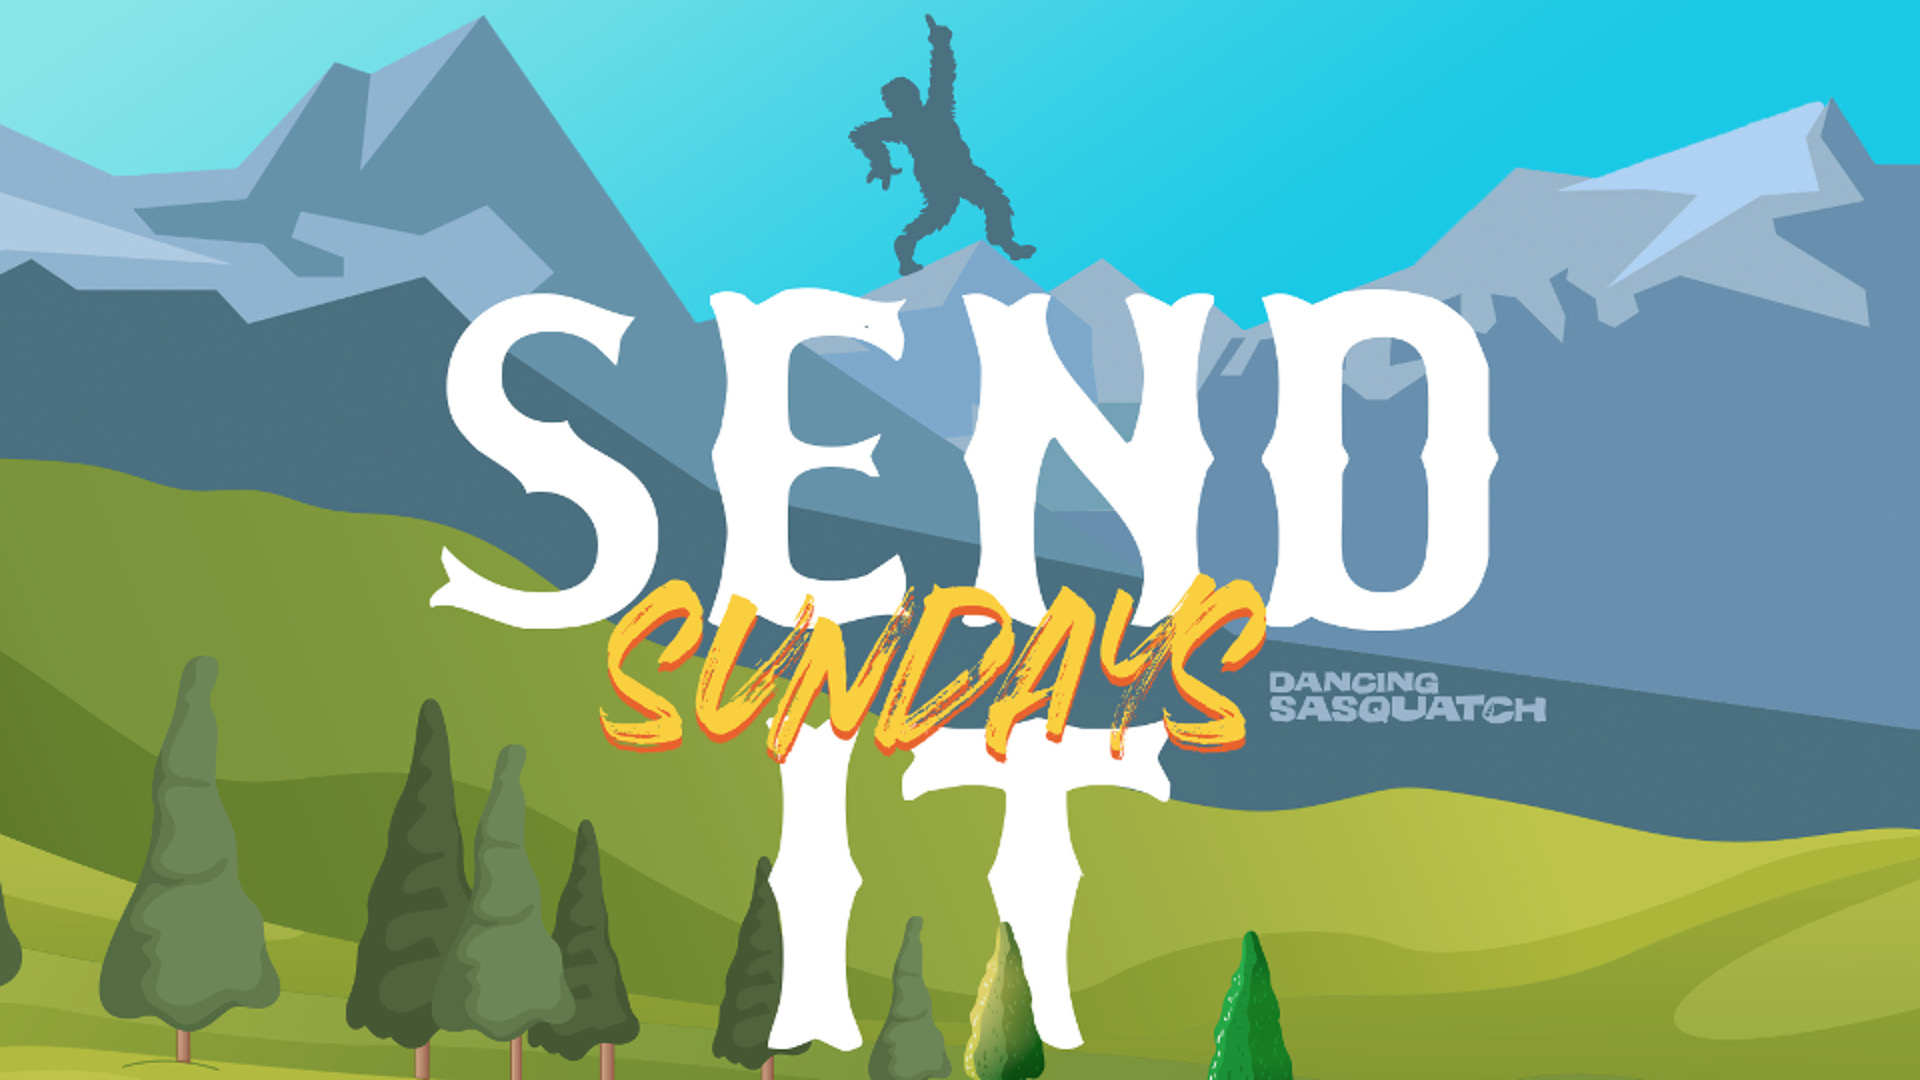 sasquatch send it sunday event.jpeg